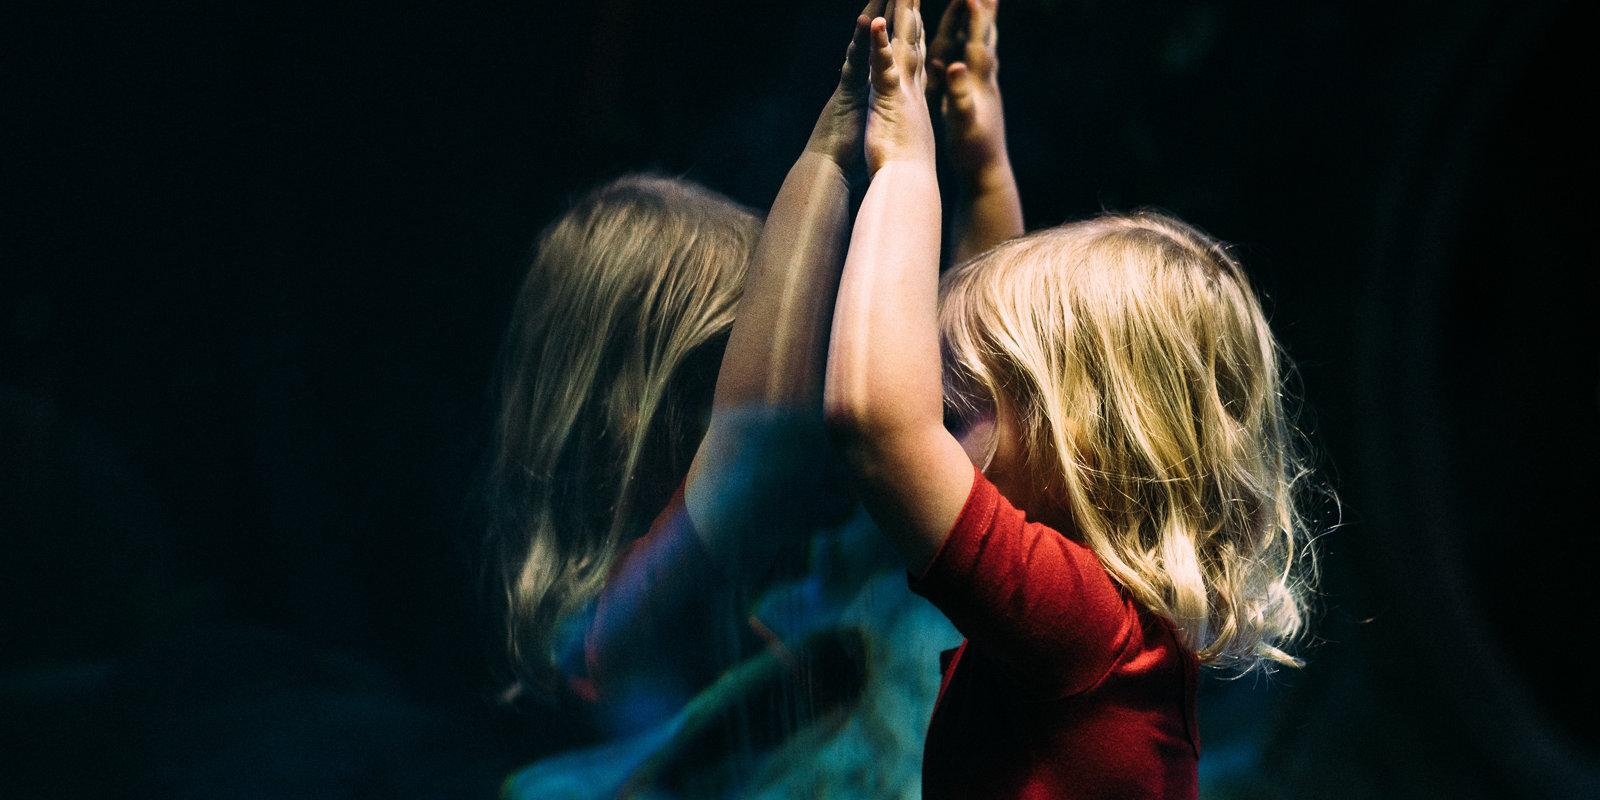 Publiskā vietā redzi darām pāri svešam bērnam – iejaukties vai novērsties?